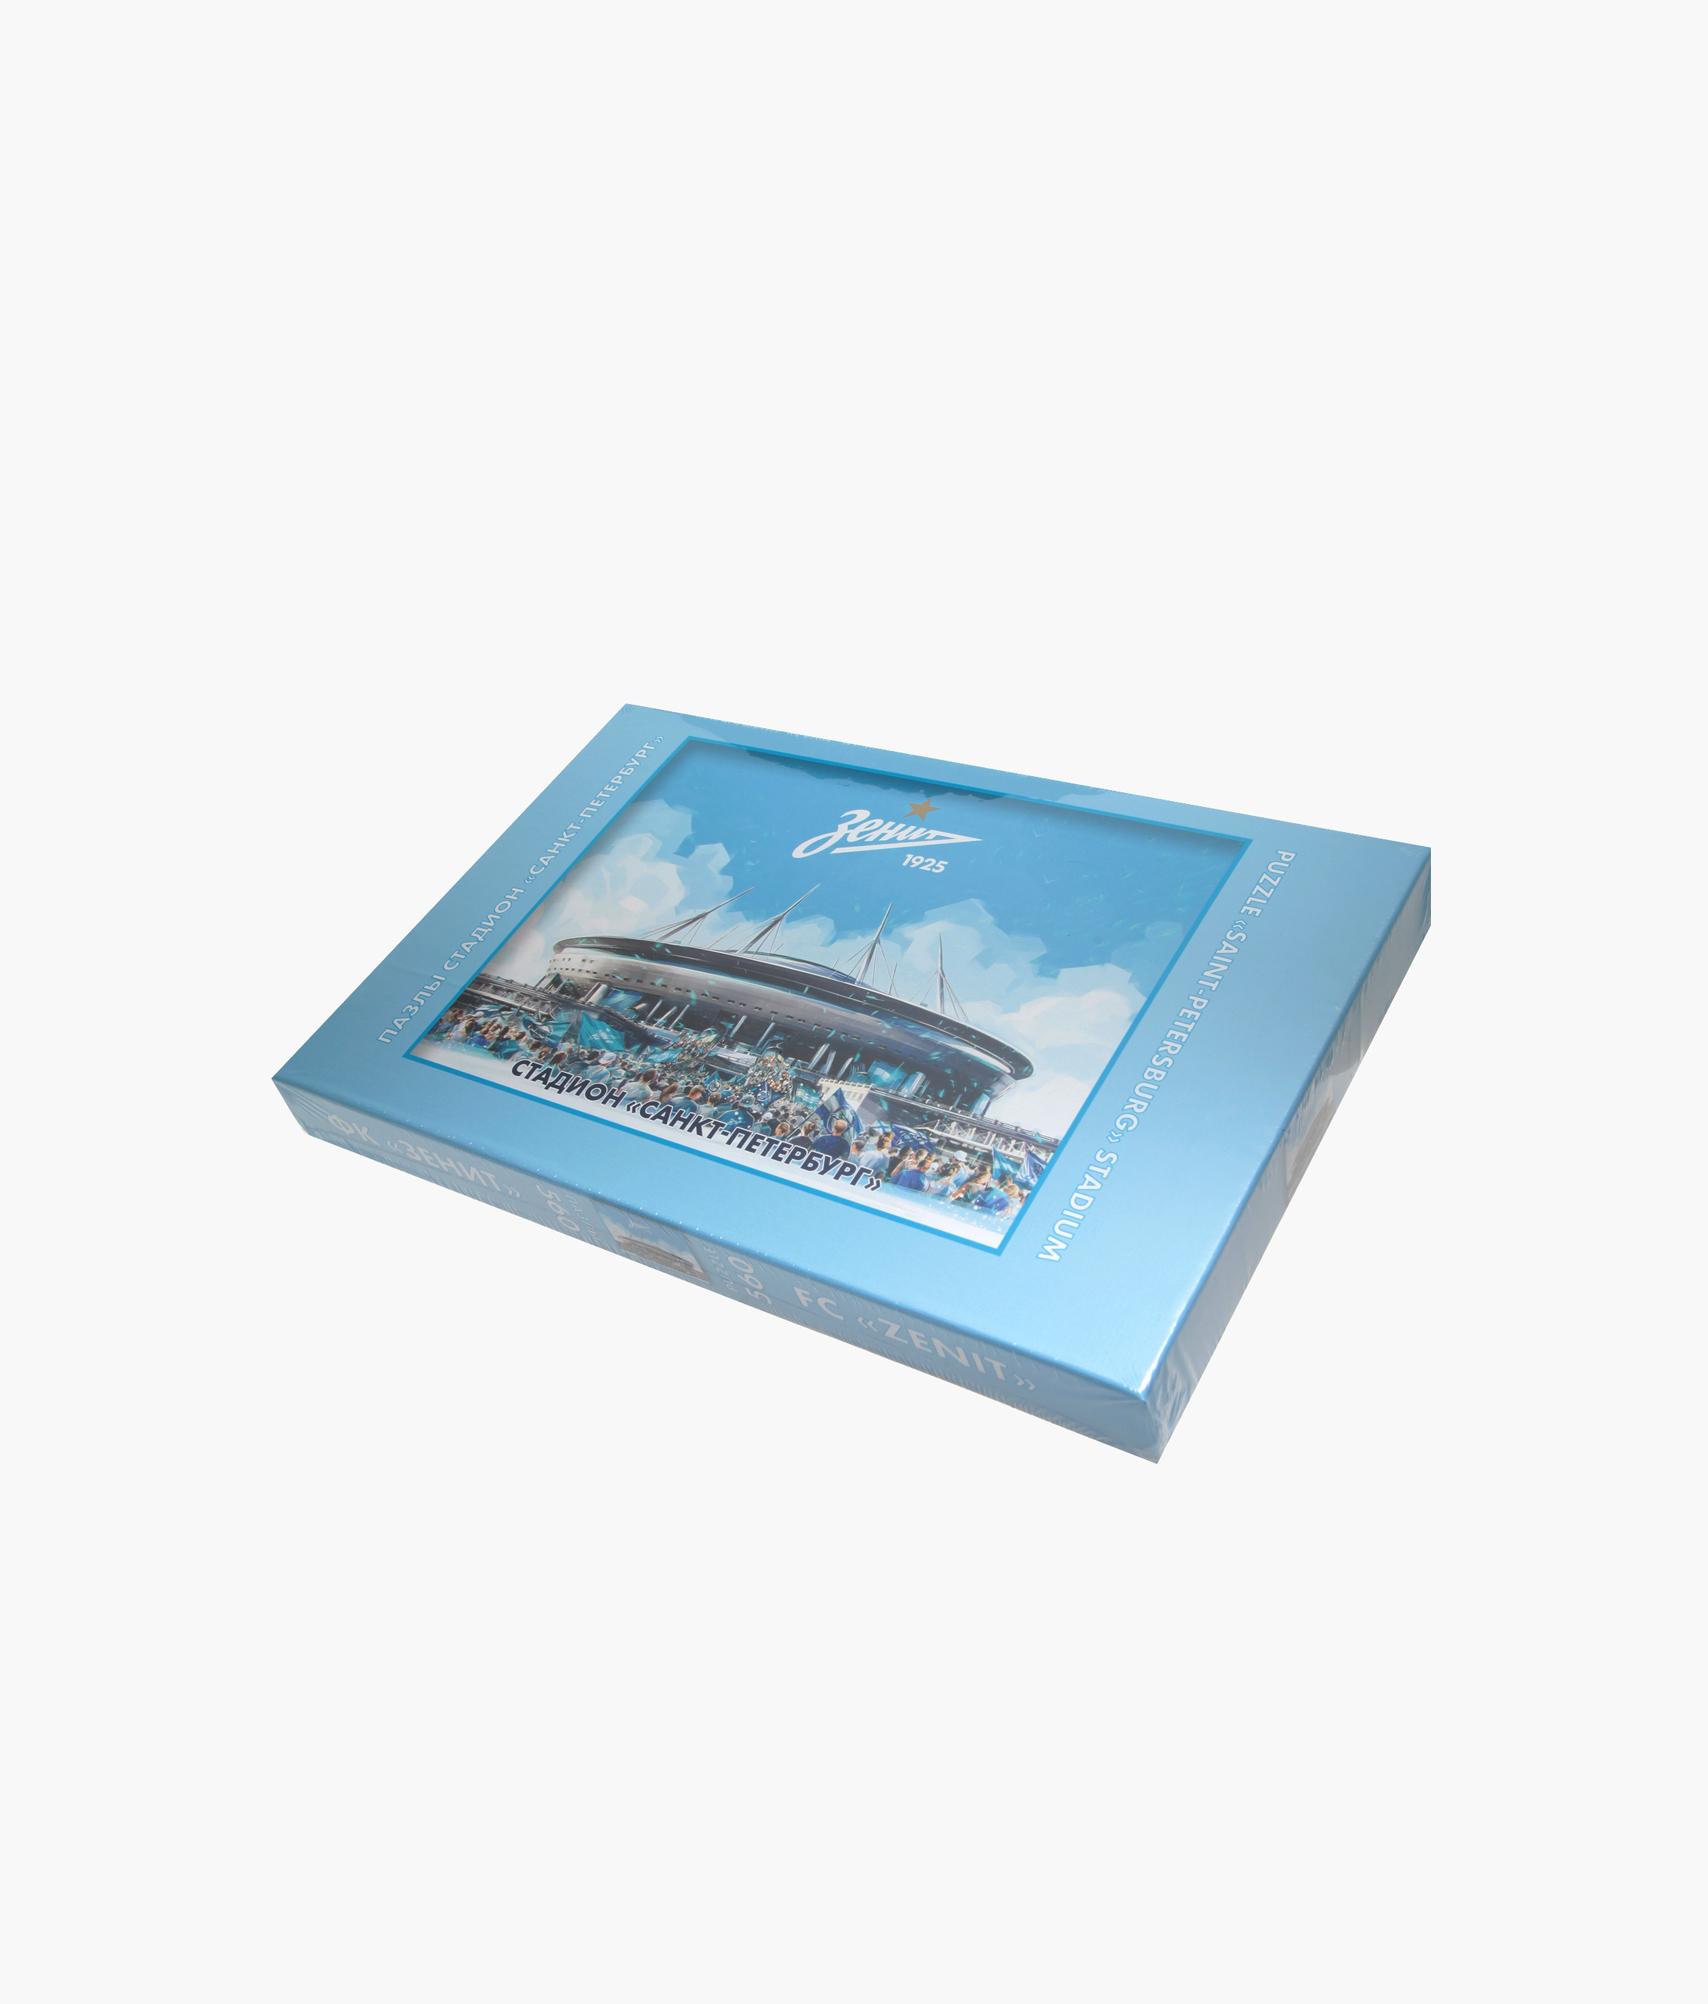 Пазл «Стадион» (560 деталей) Зенит